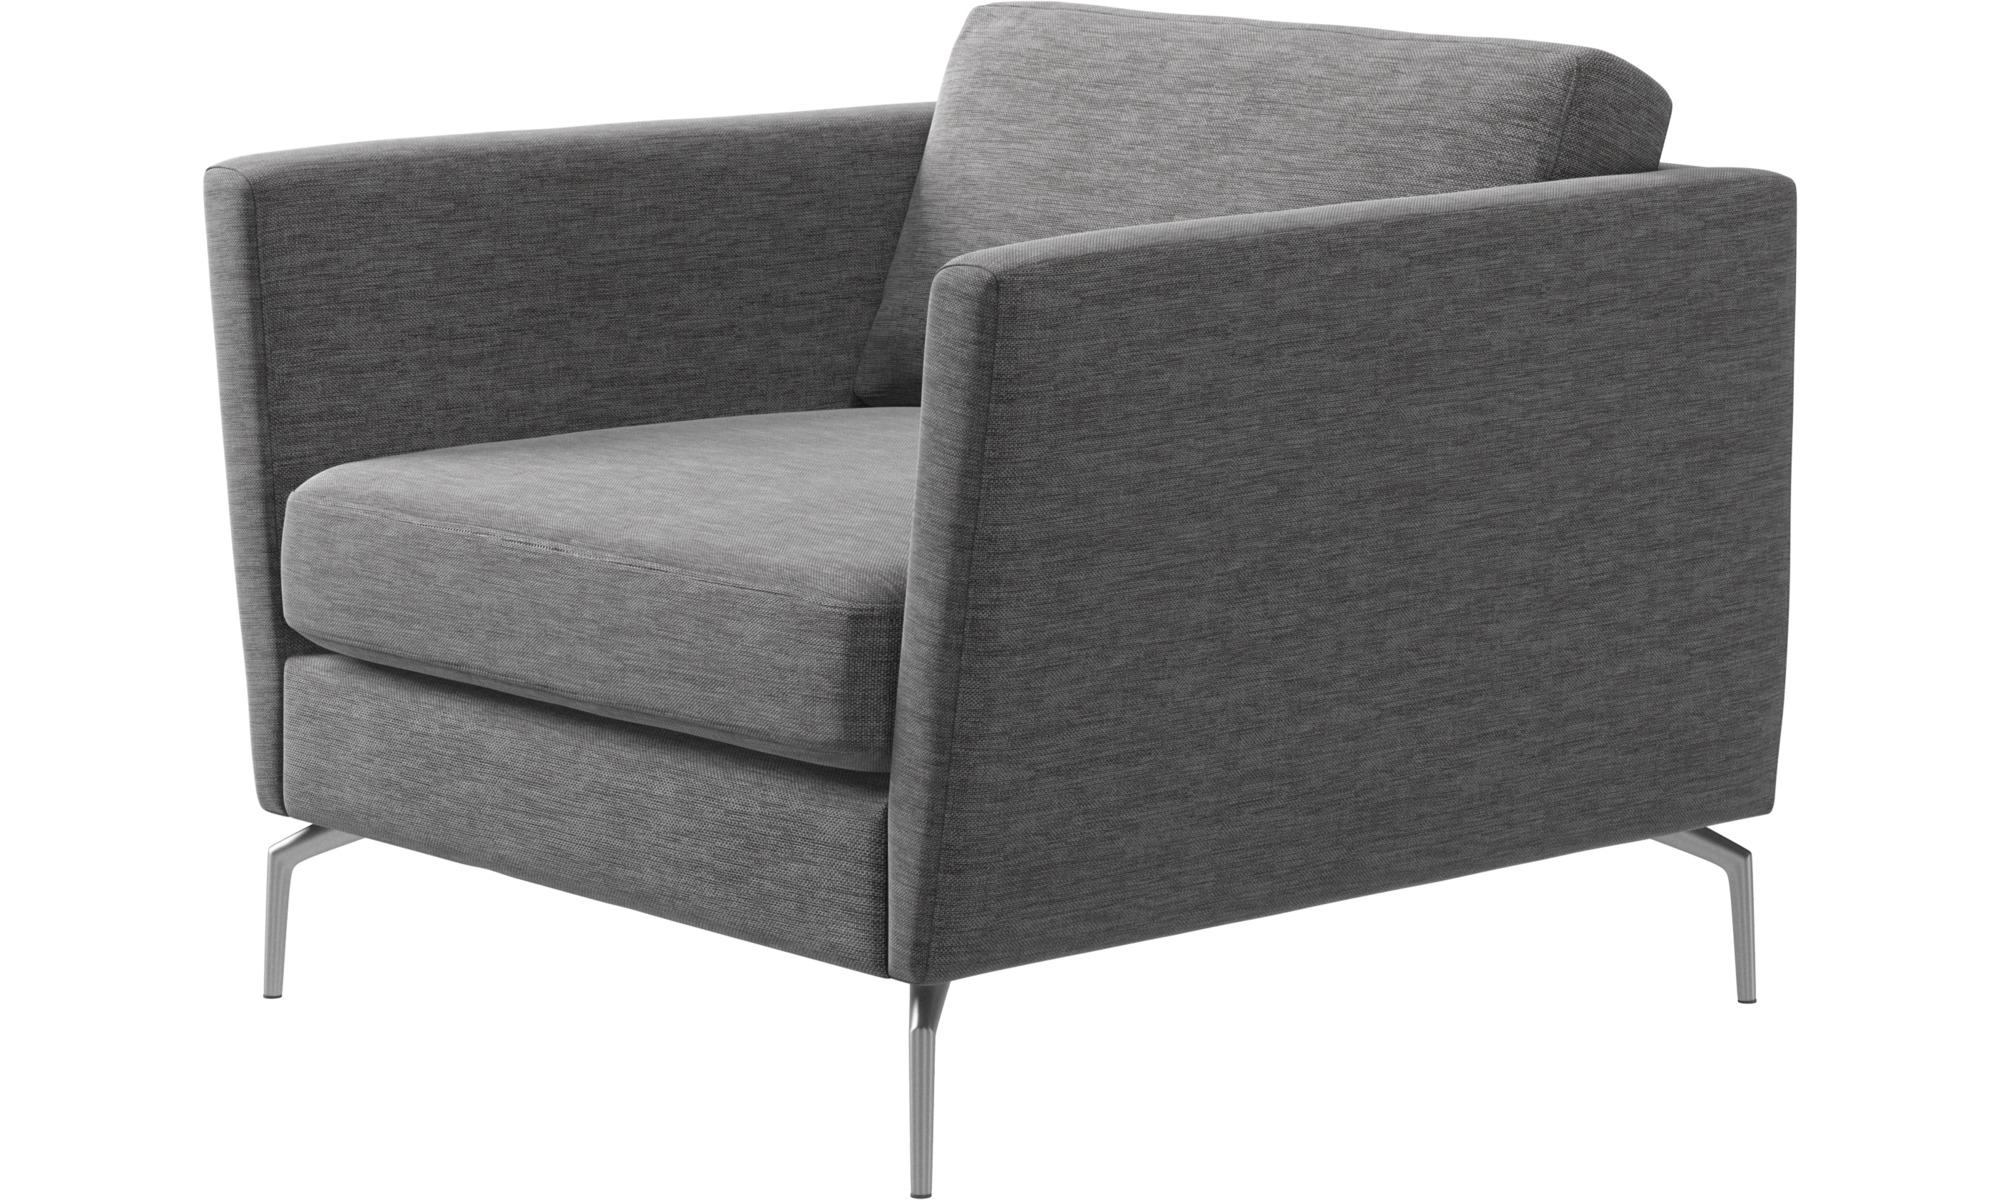 sale osaka sessel klassische sitzfl che boconcept. Black Bedroom Furniture Sets. Home Design Ideas